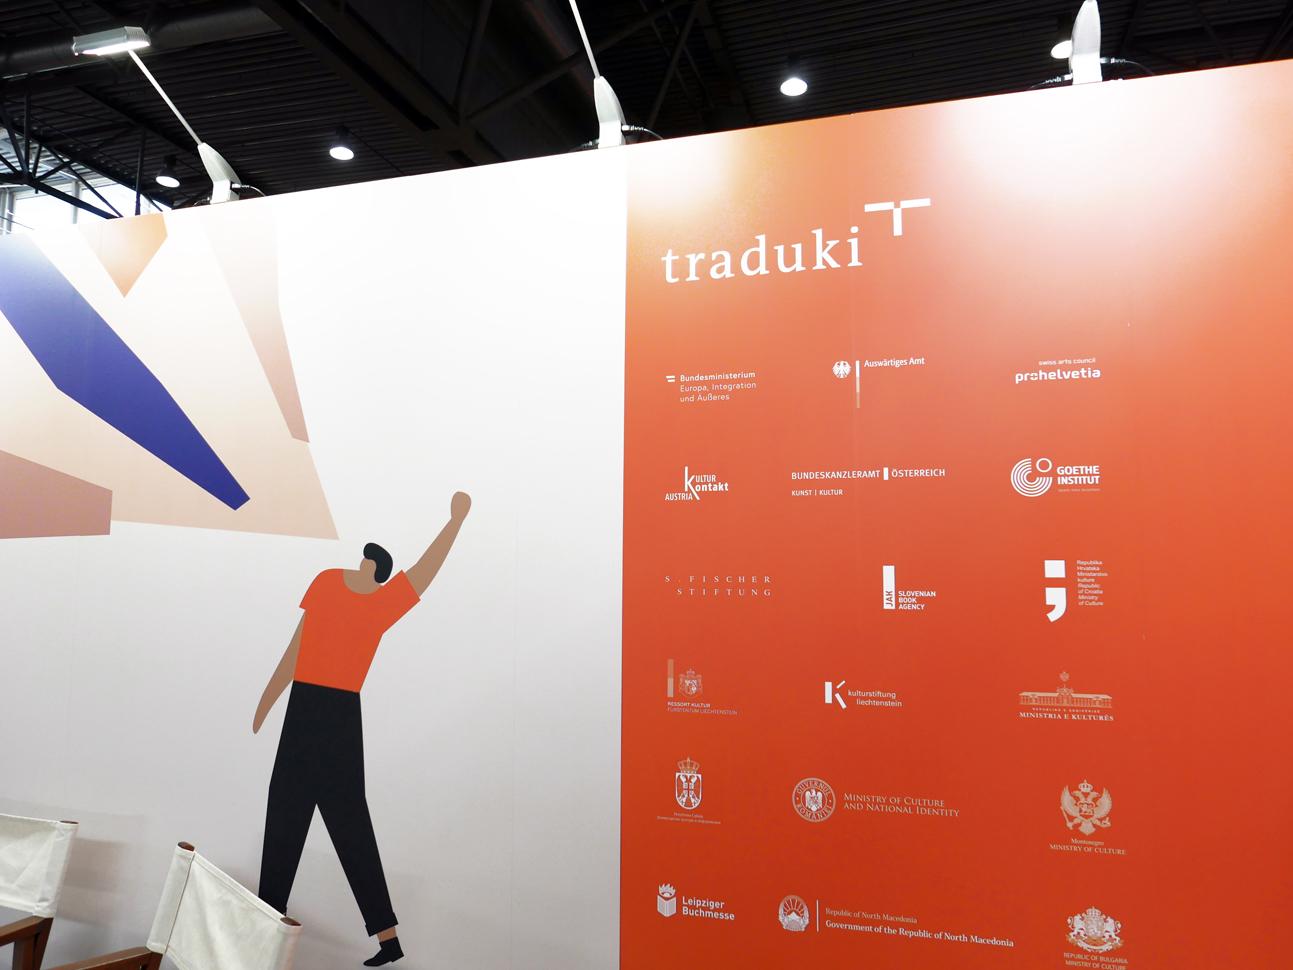 martin zech design, projekt design, traduki, messestand, leipziger buchmesse, 2019, buehne, logos